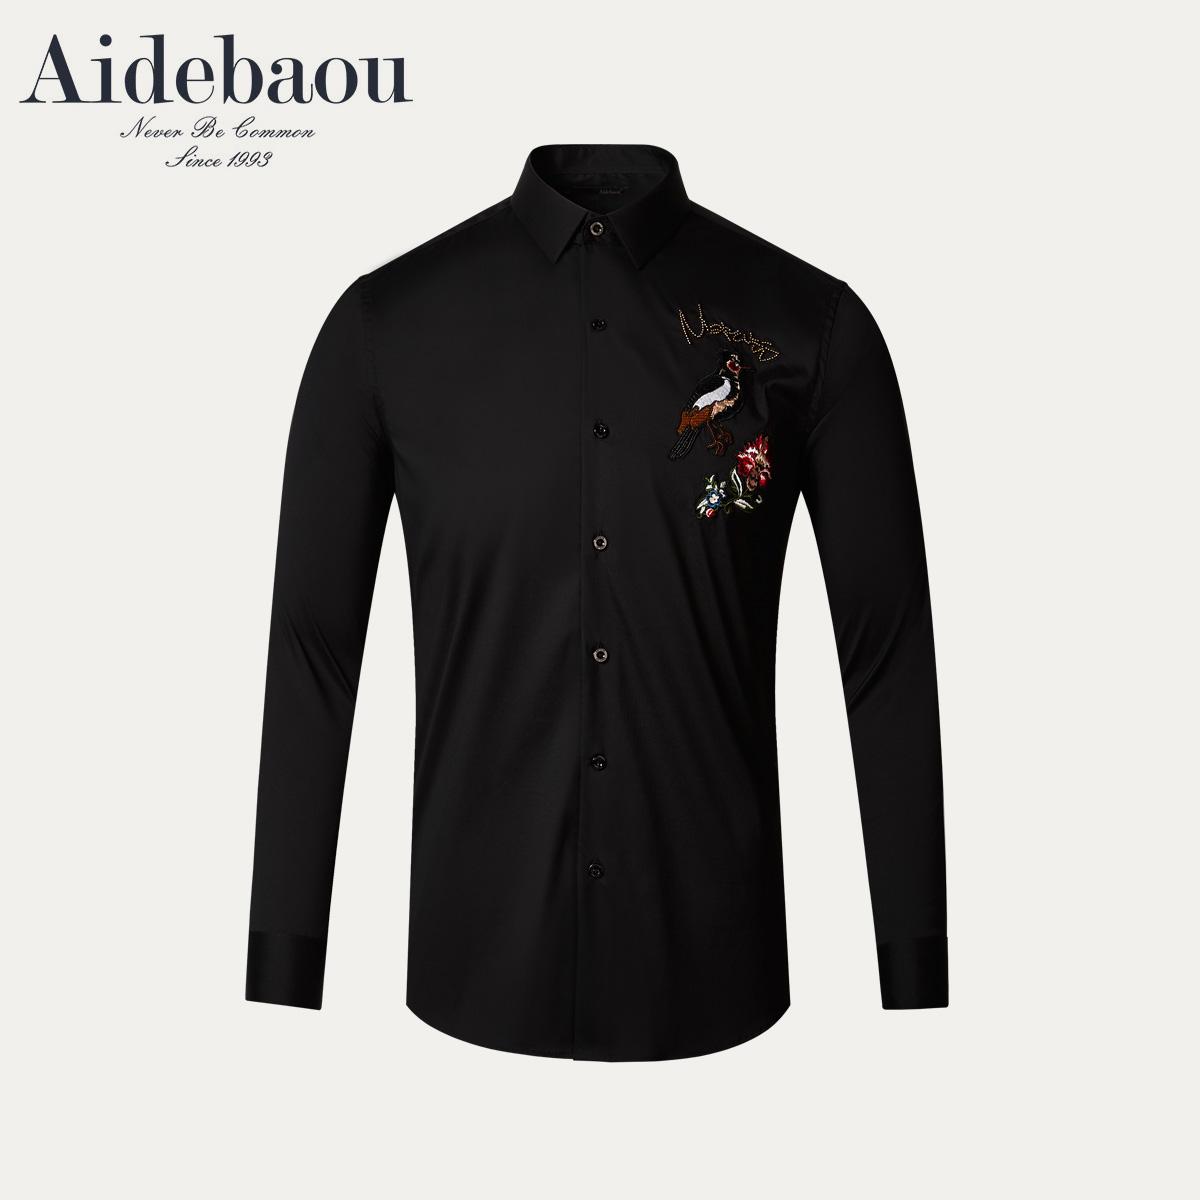 爱得堡气质休闲衬衫男复古时尚修身纯色衬衣男士刺绣花长袖上衣潮